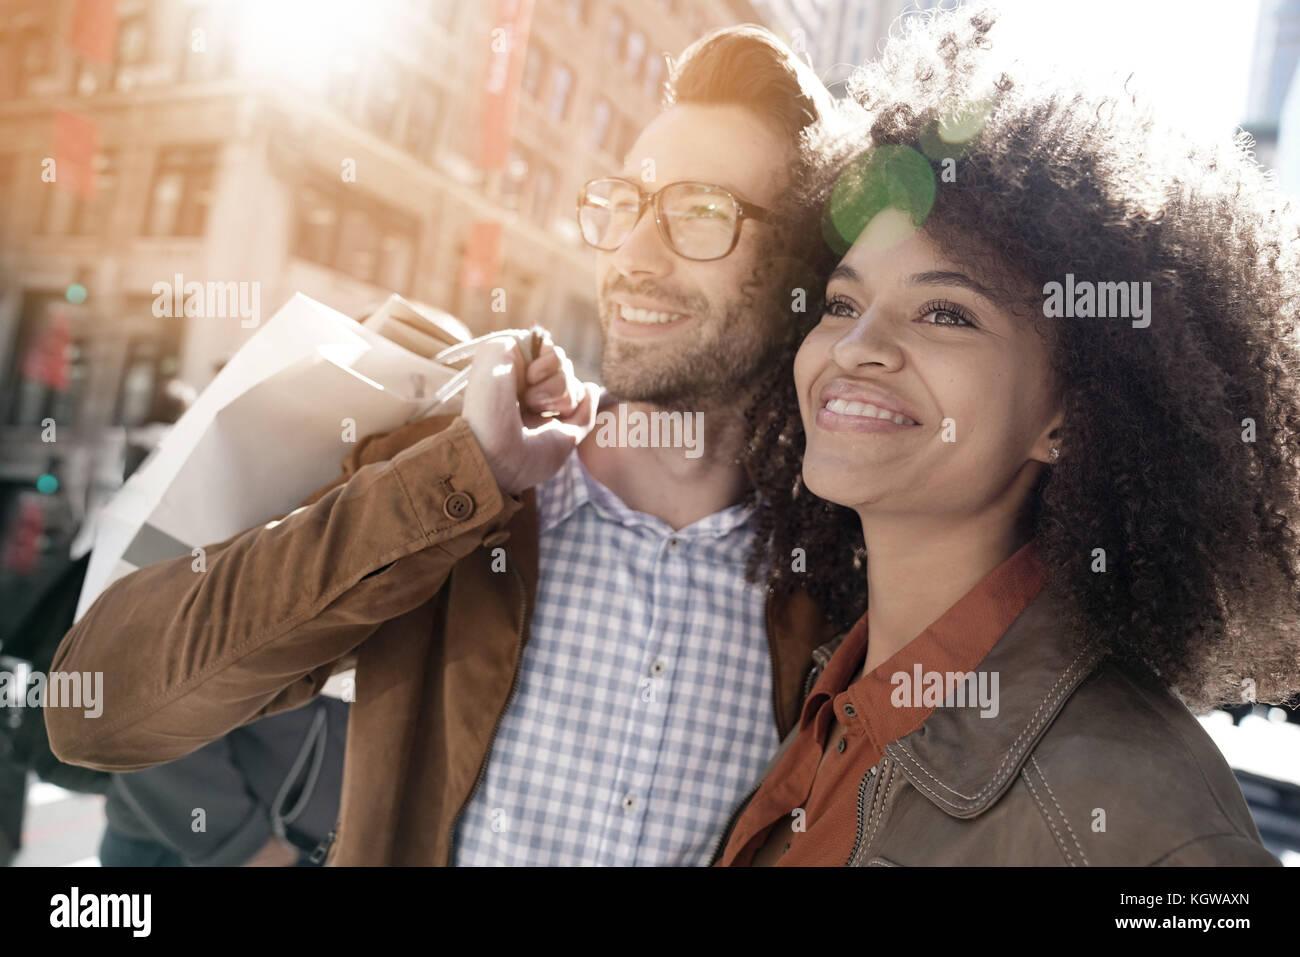 Alegre pareja realizando compras en Manhattan, ciudad de Nueva York Imagen De Stock